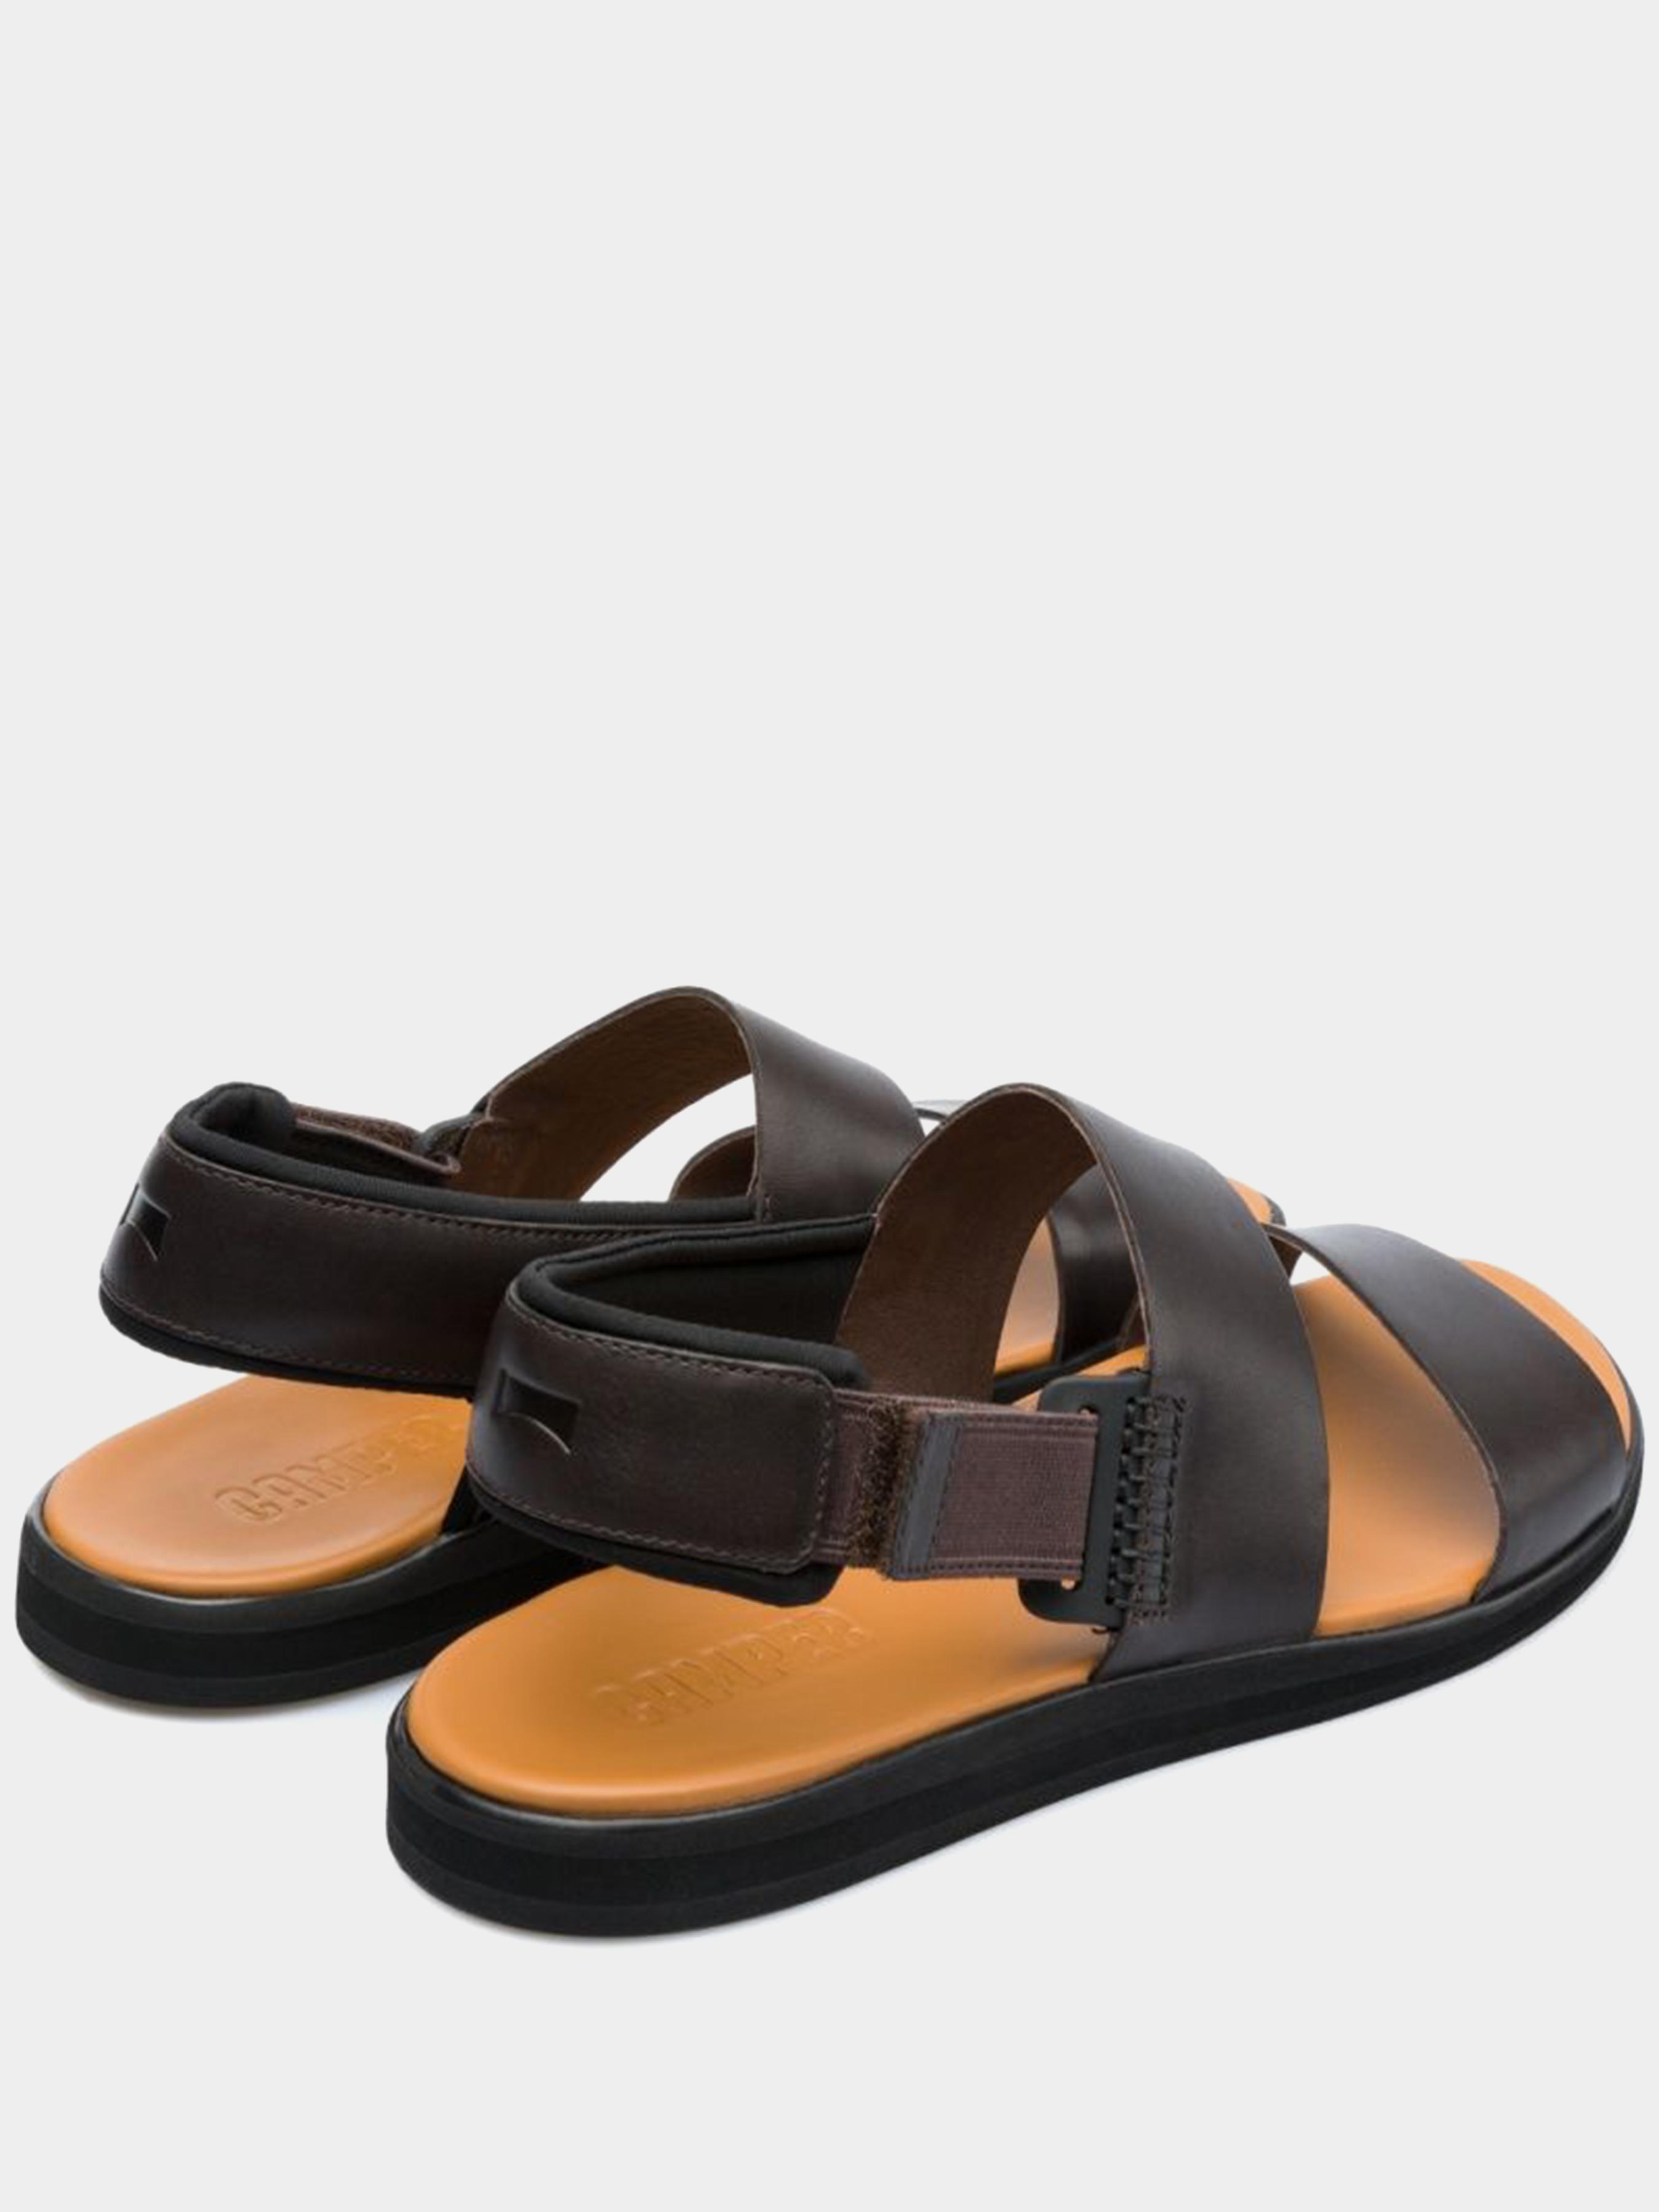 Сандалии для мужчин Camper Spray AM663 купить обувь, 2017